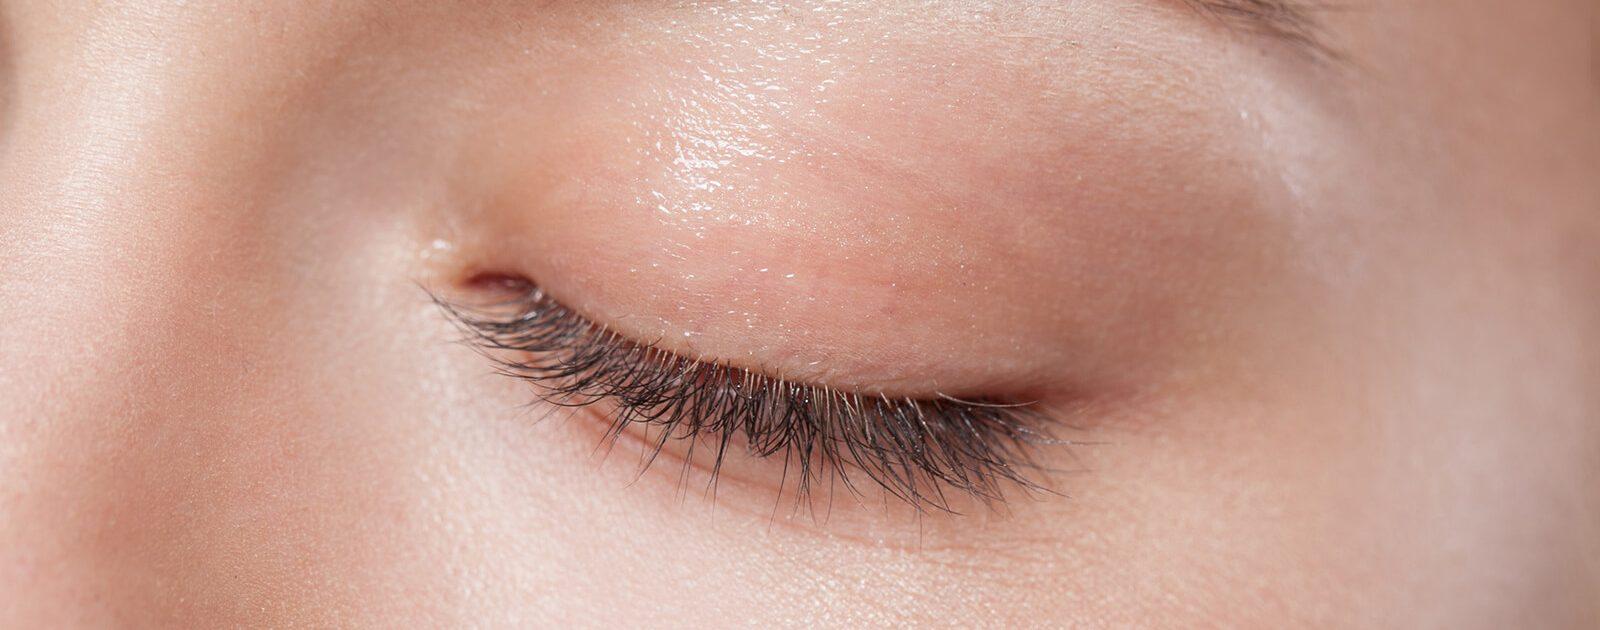 Augenspray wird auf geschlossene Augen gesprüht.